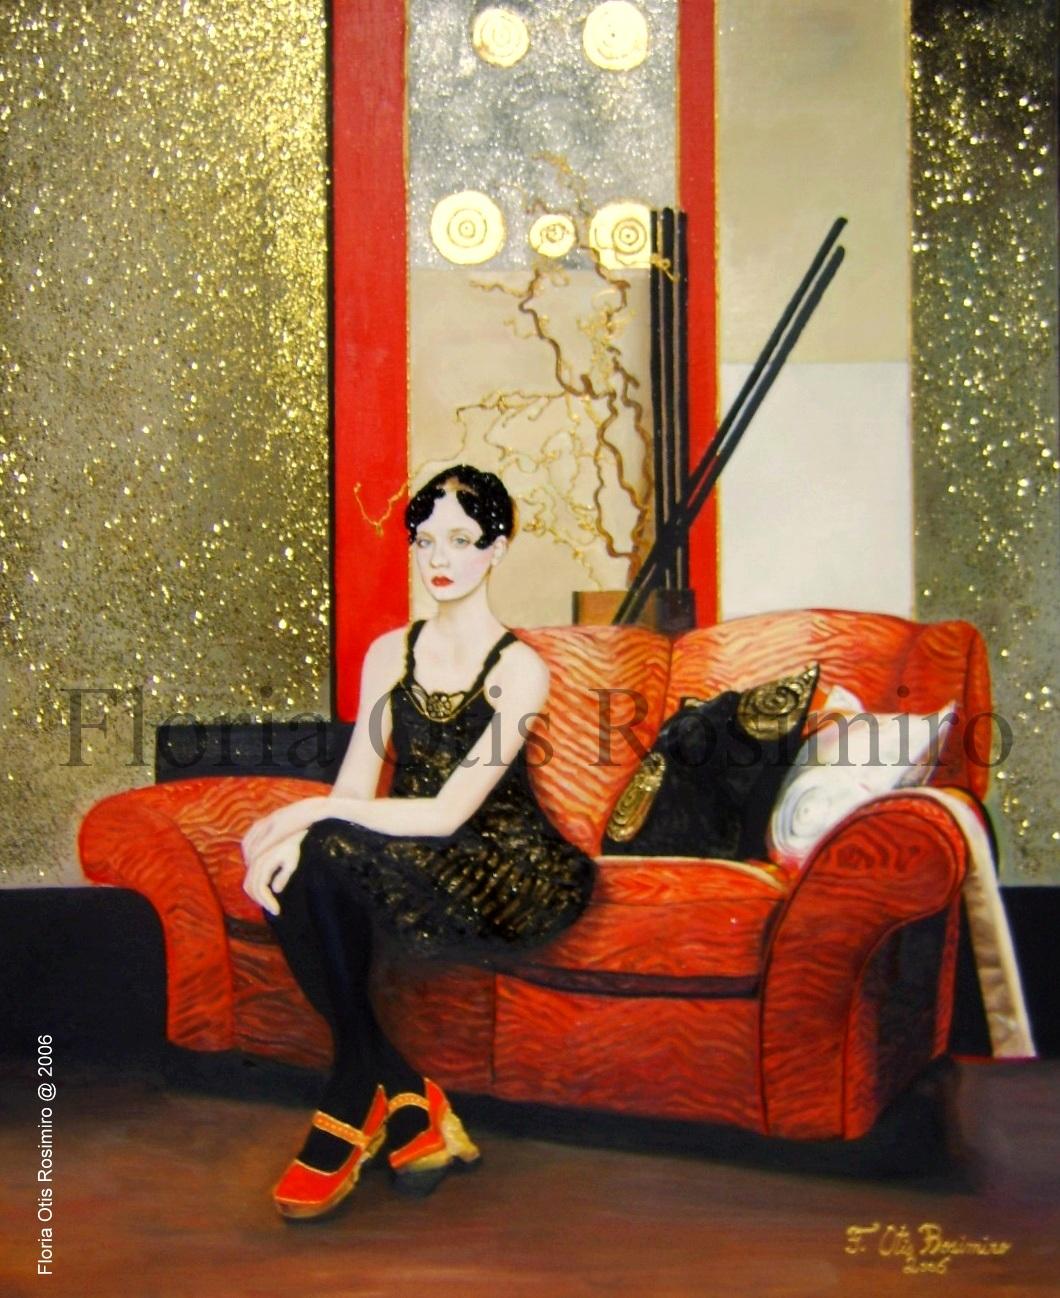 Huile sur toile - brillants, peinture dorée et feuille d'or - 73 cm x 60 cm